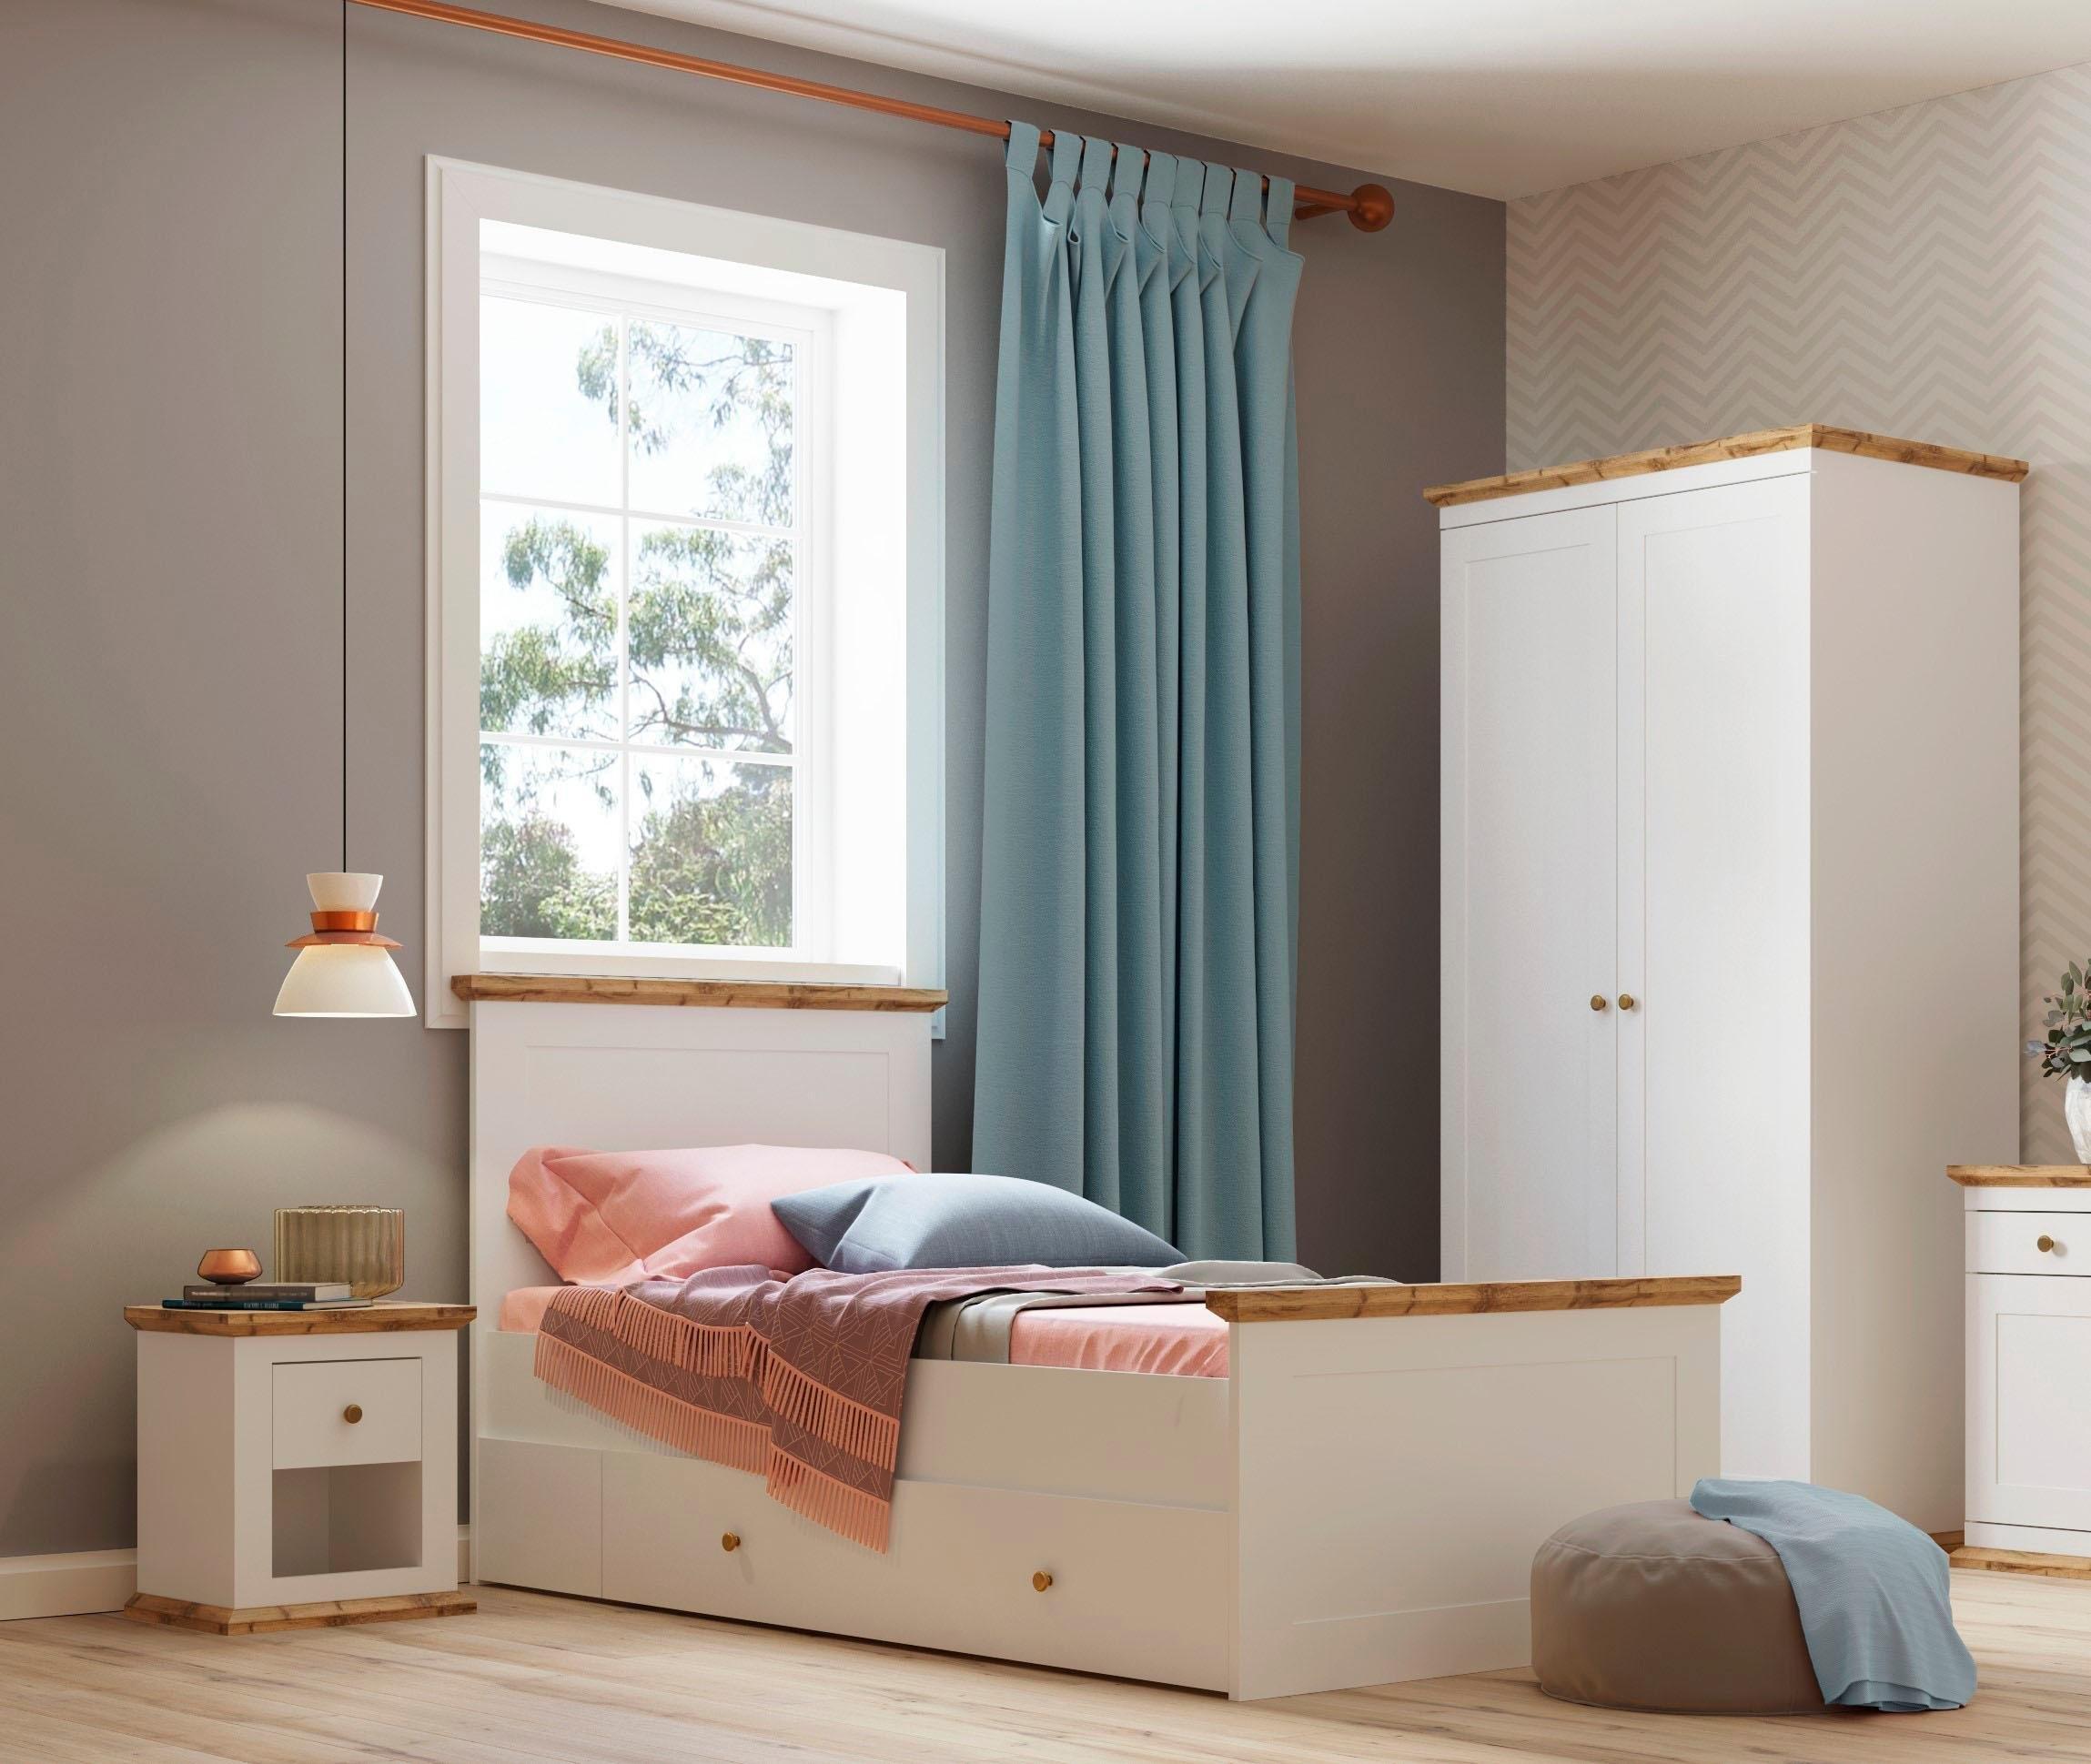 Home affaire slaapkamerserie »Banburry« bij OTTO online kopen